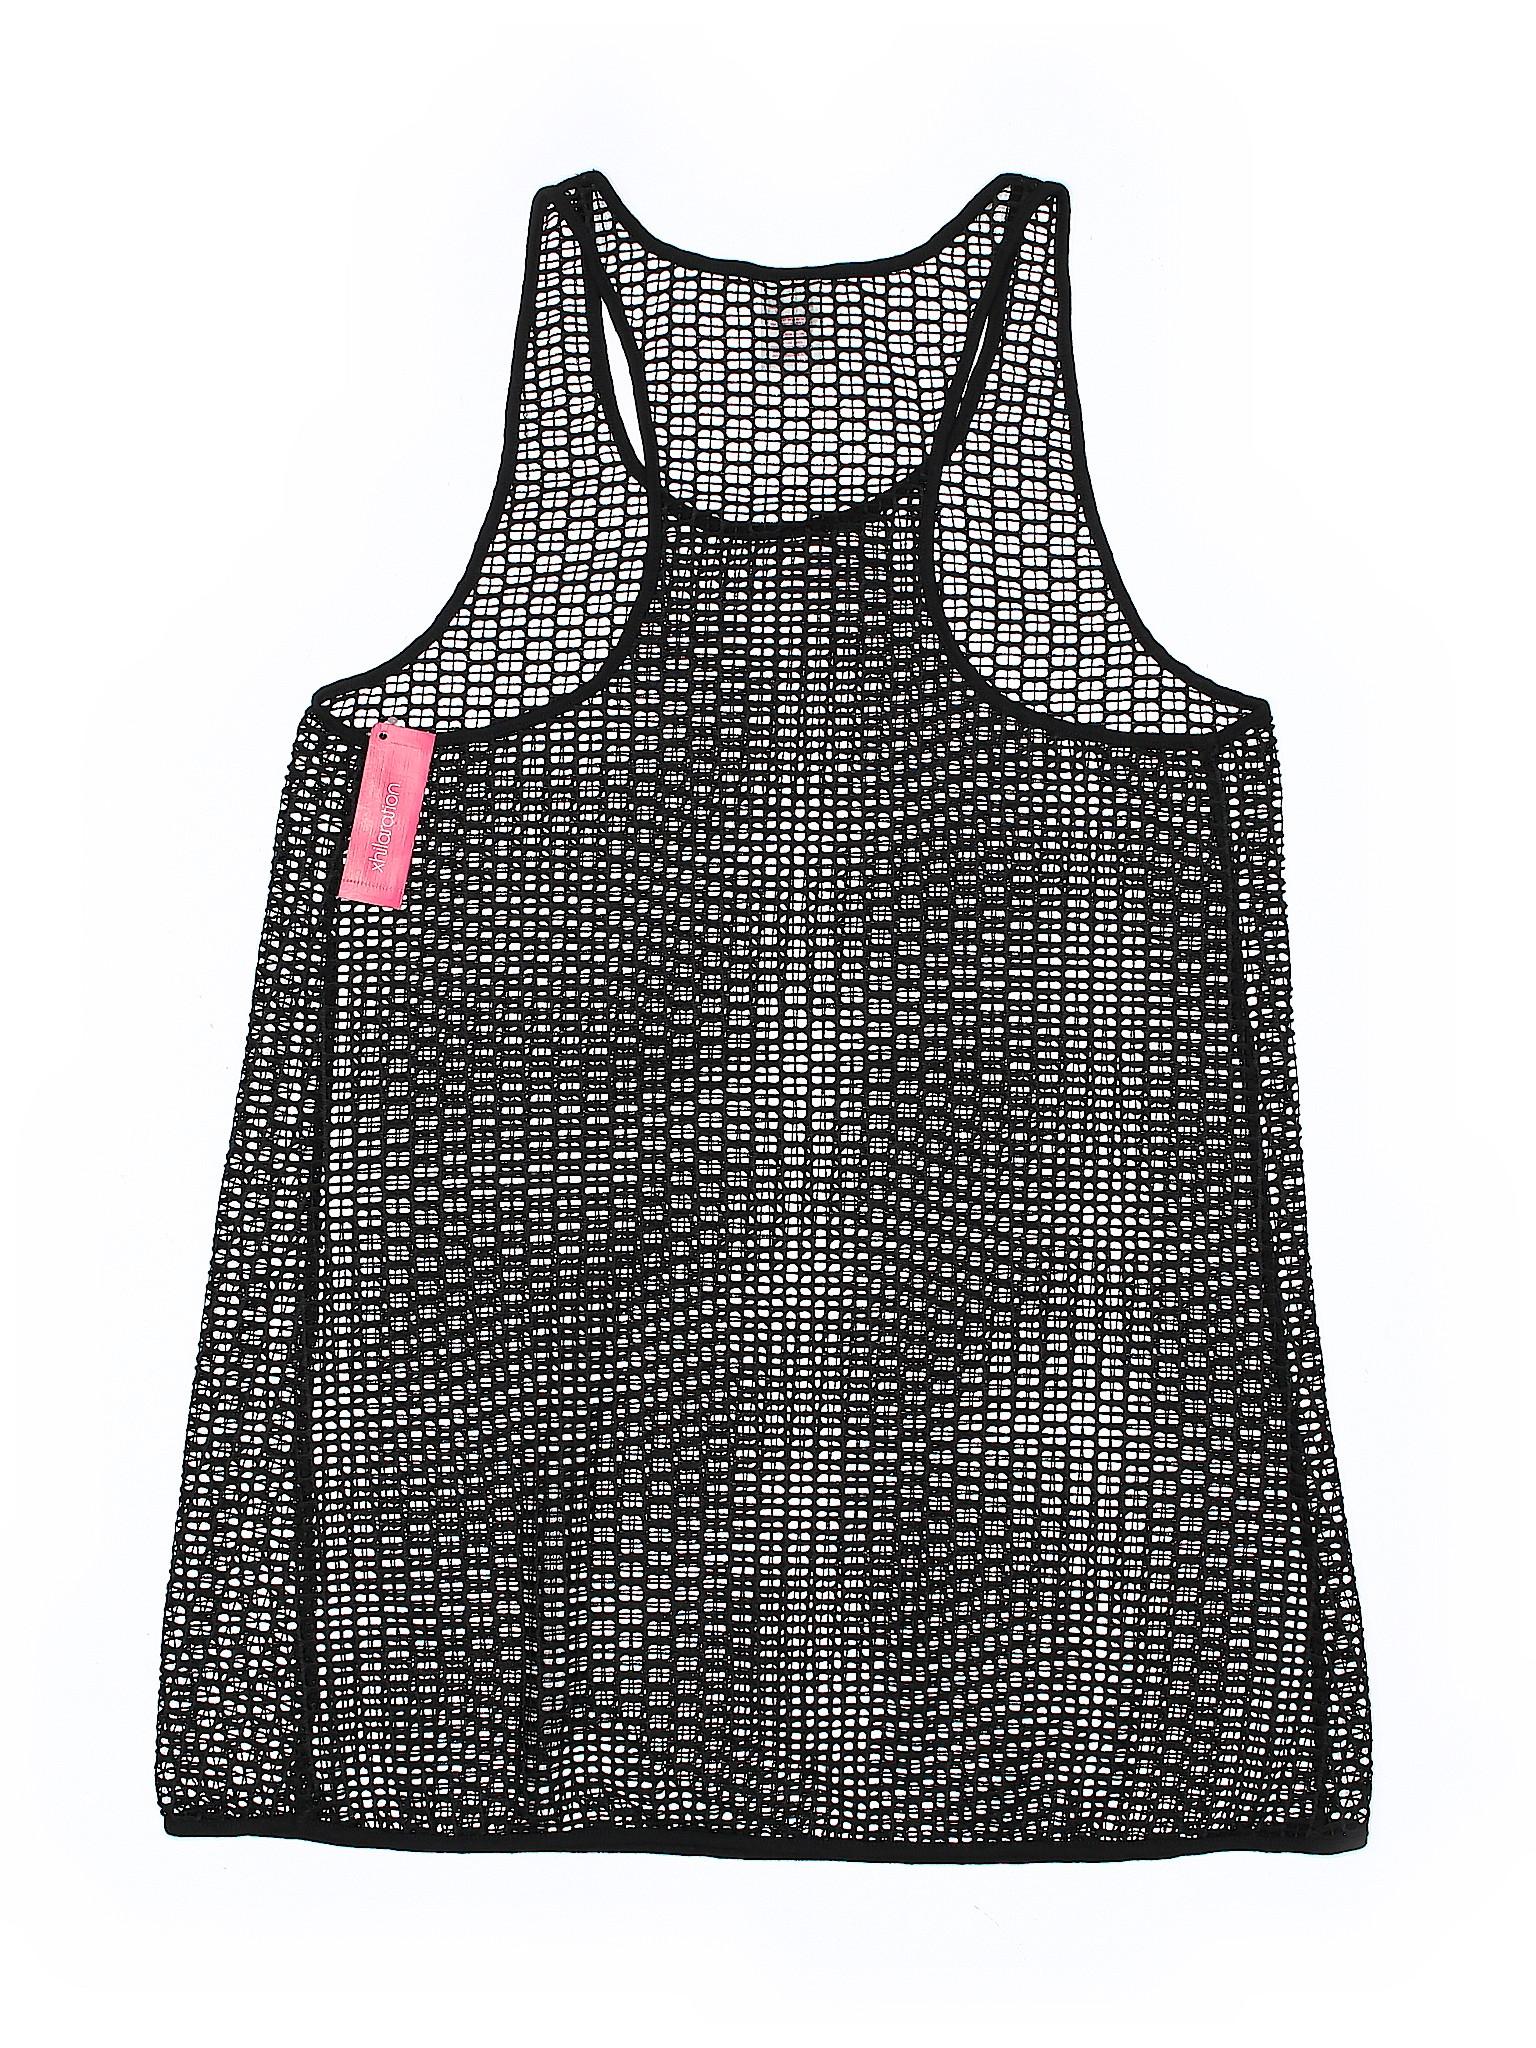 Swimsuit Boutique Cover Boutique Up Swimsuit Xhilaration Xhilaration 00nOpHq